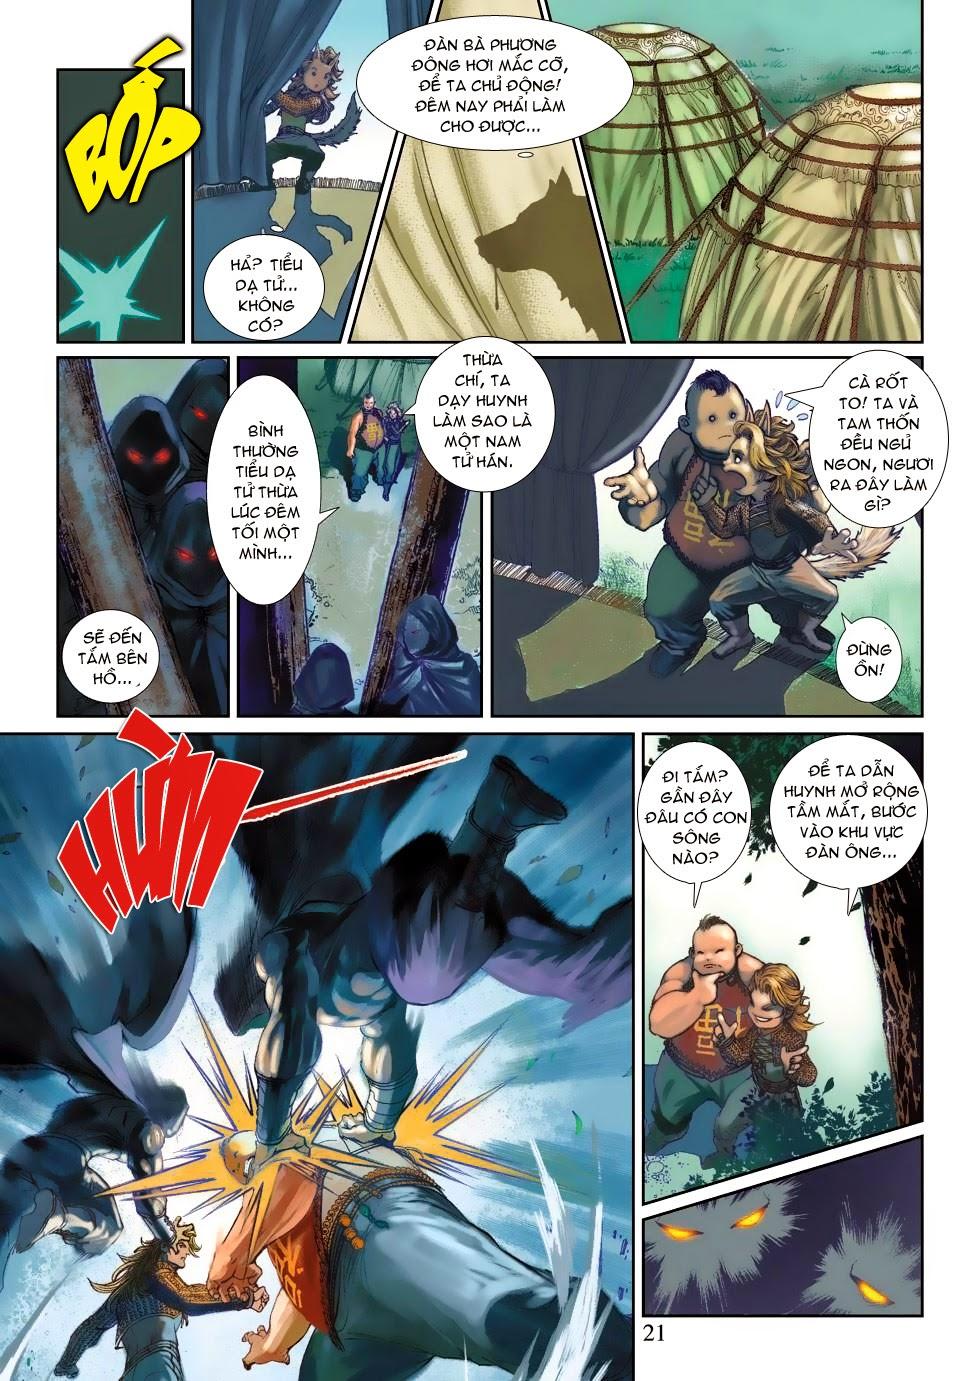 Thần Binh Tiền Truyện 4 - Huyền Thiên Tà Đế chap 3 - Trang 21